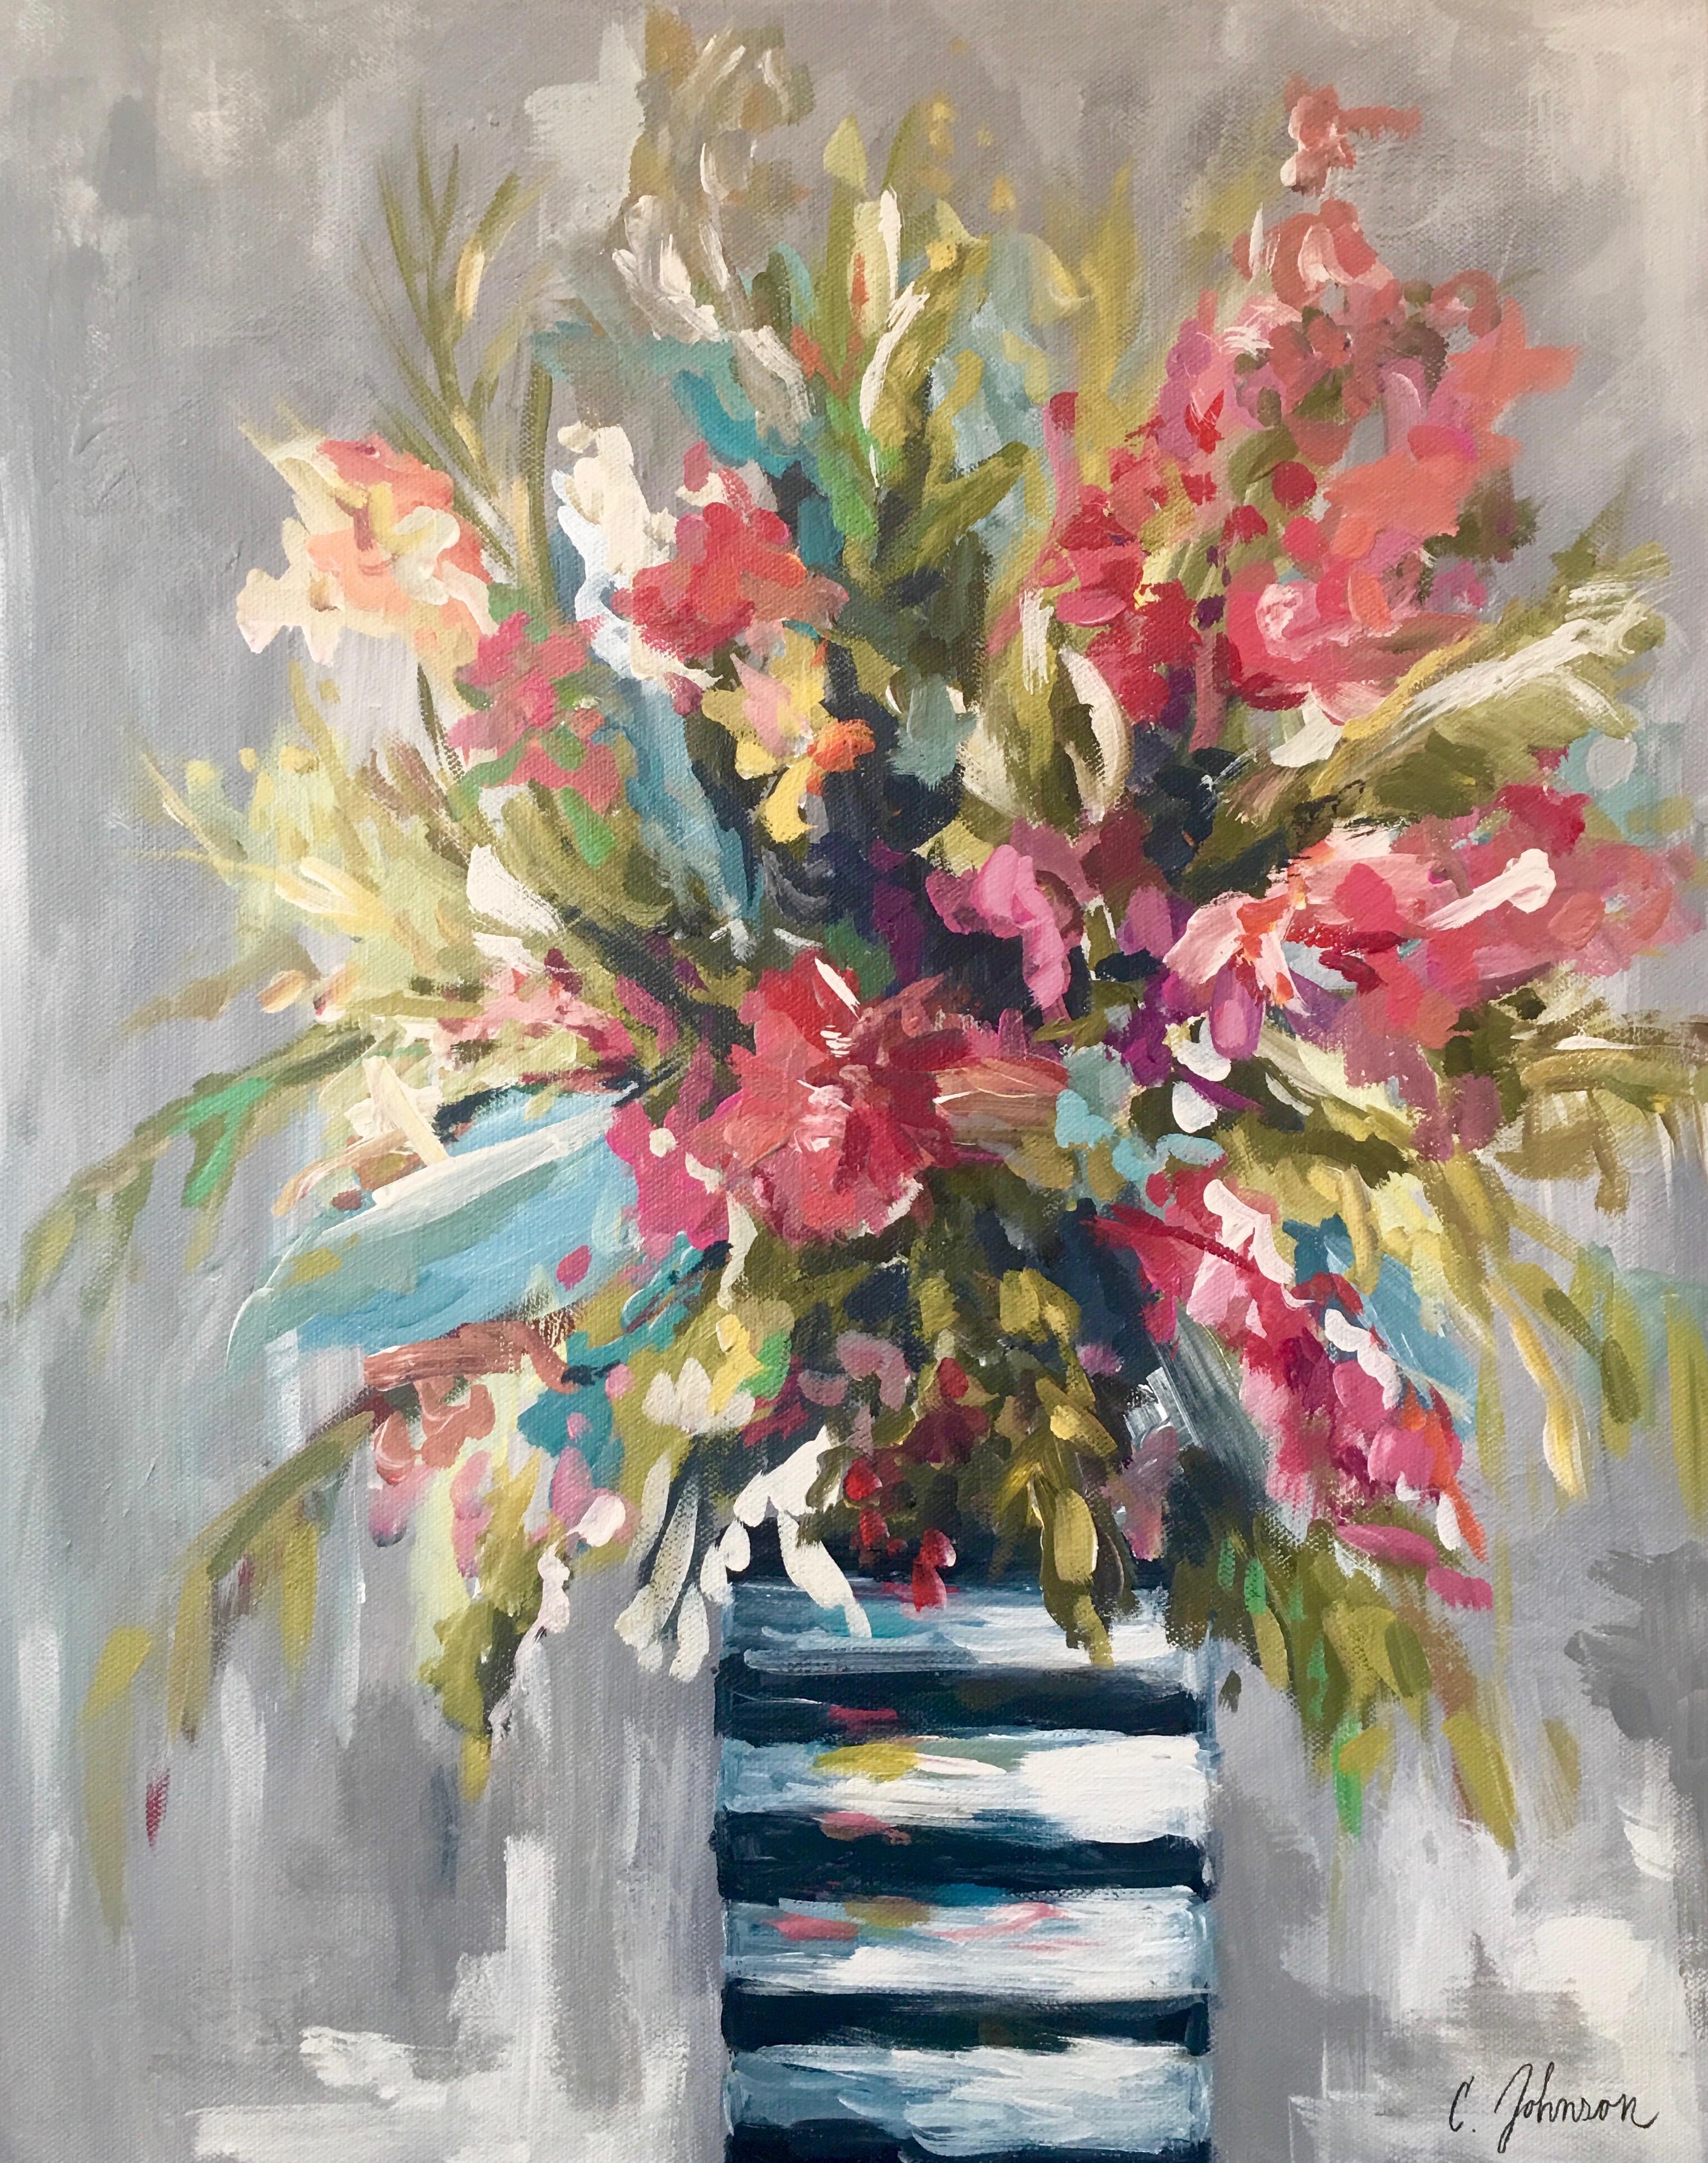 Floral Bouquet #3